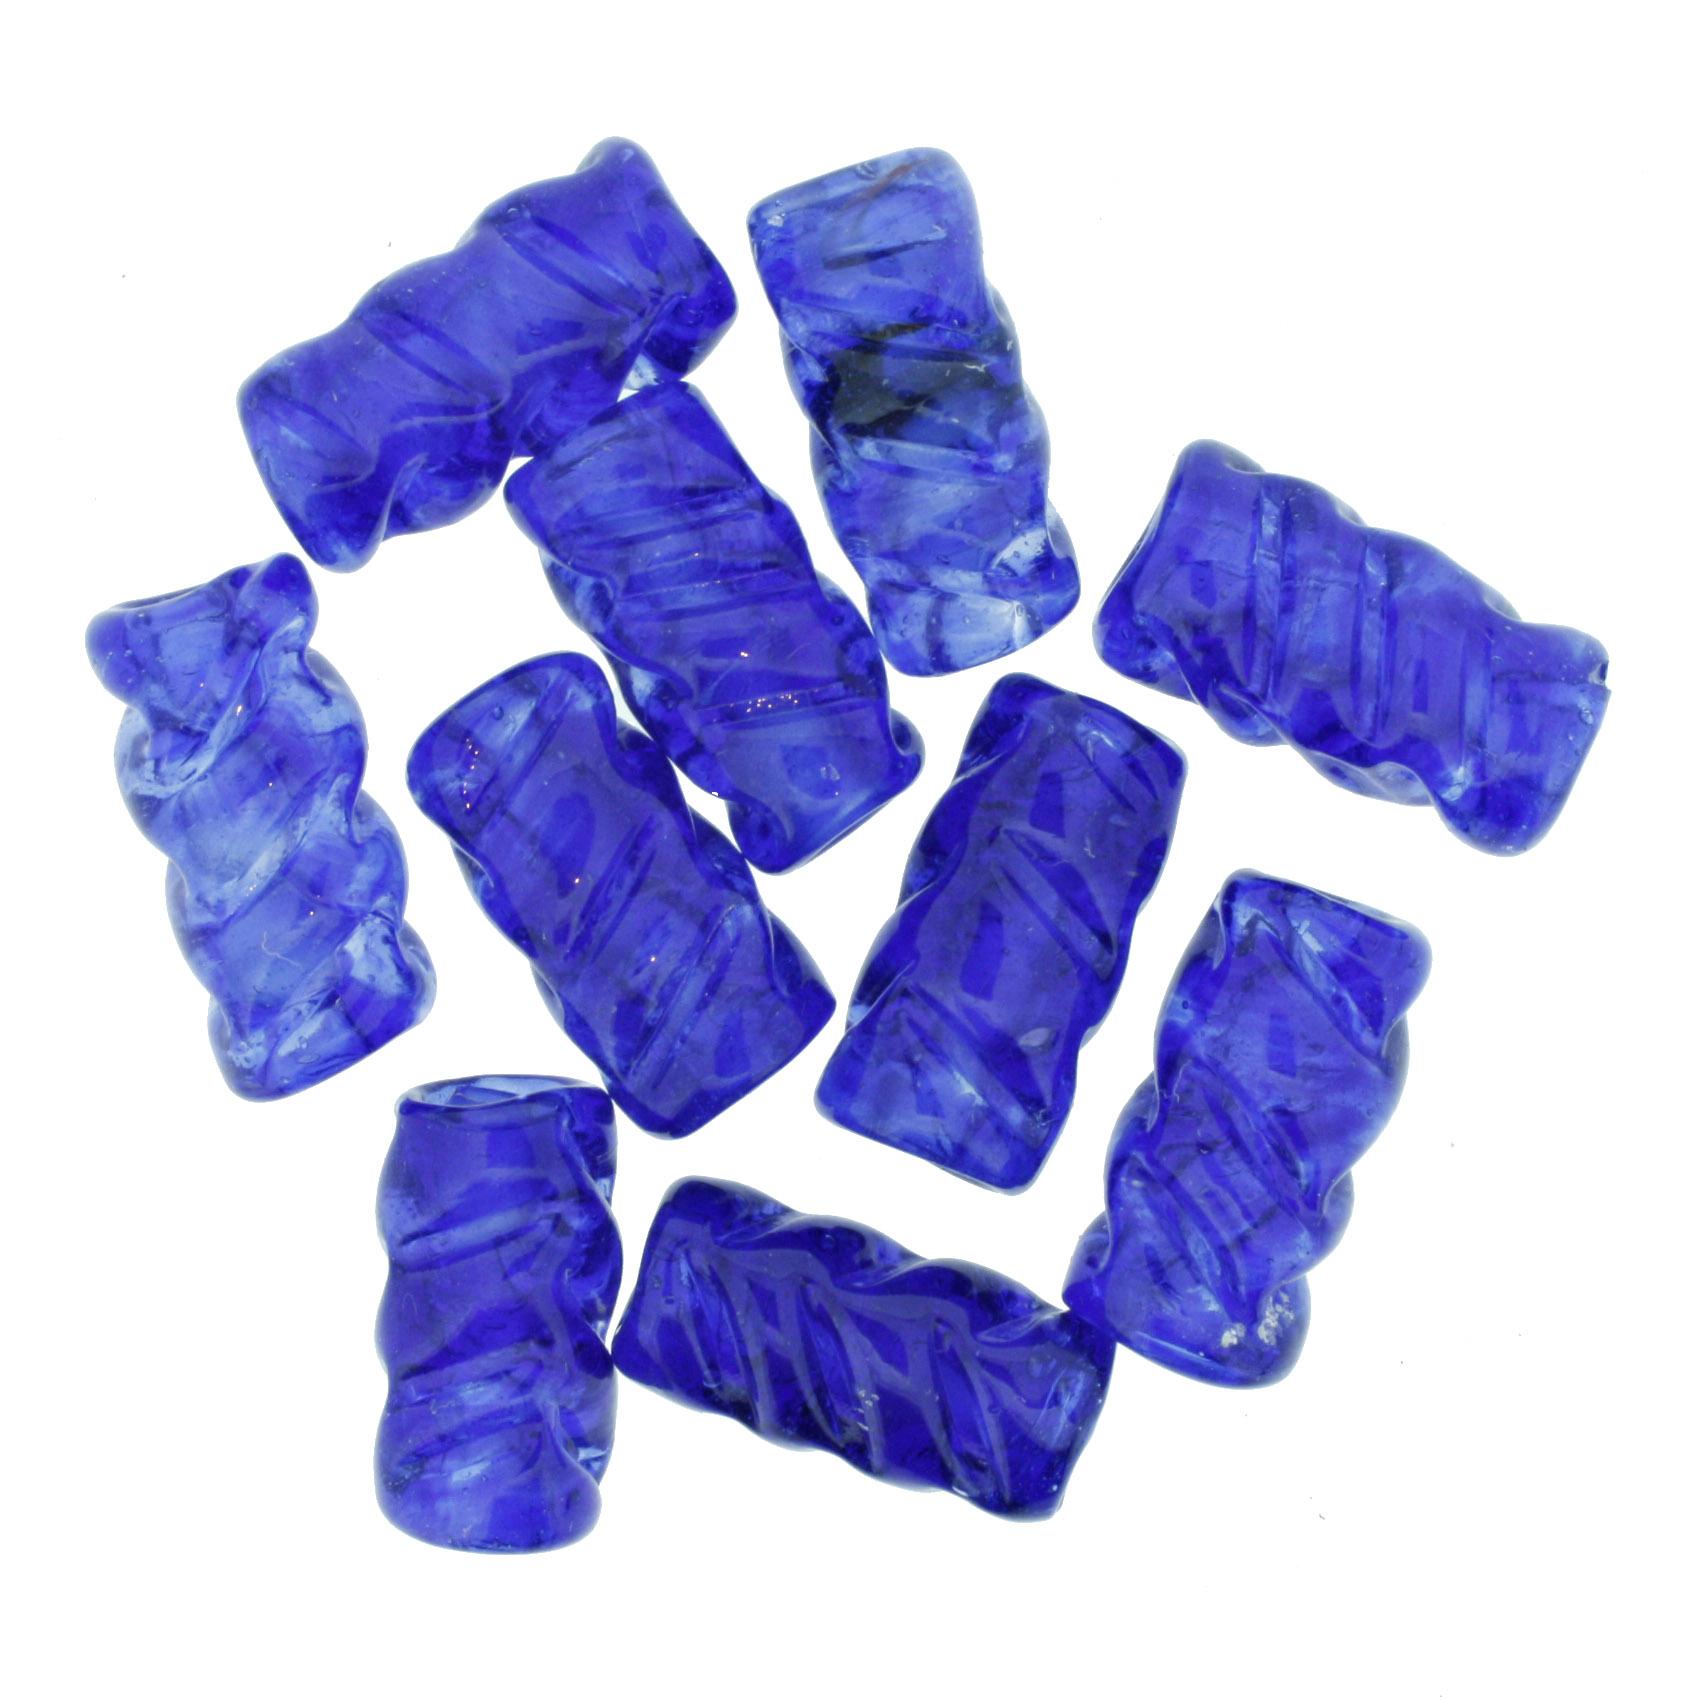 Firma de Vidro Frisada - Azul Transparente  - Universo Religioso® - Artigos de Umbanda e Candomblé